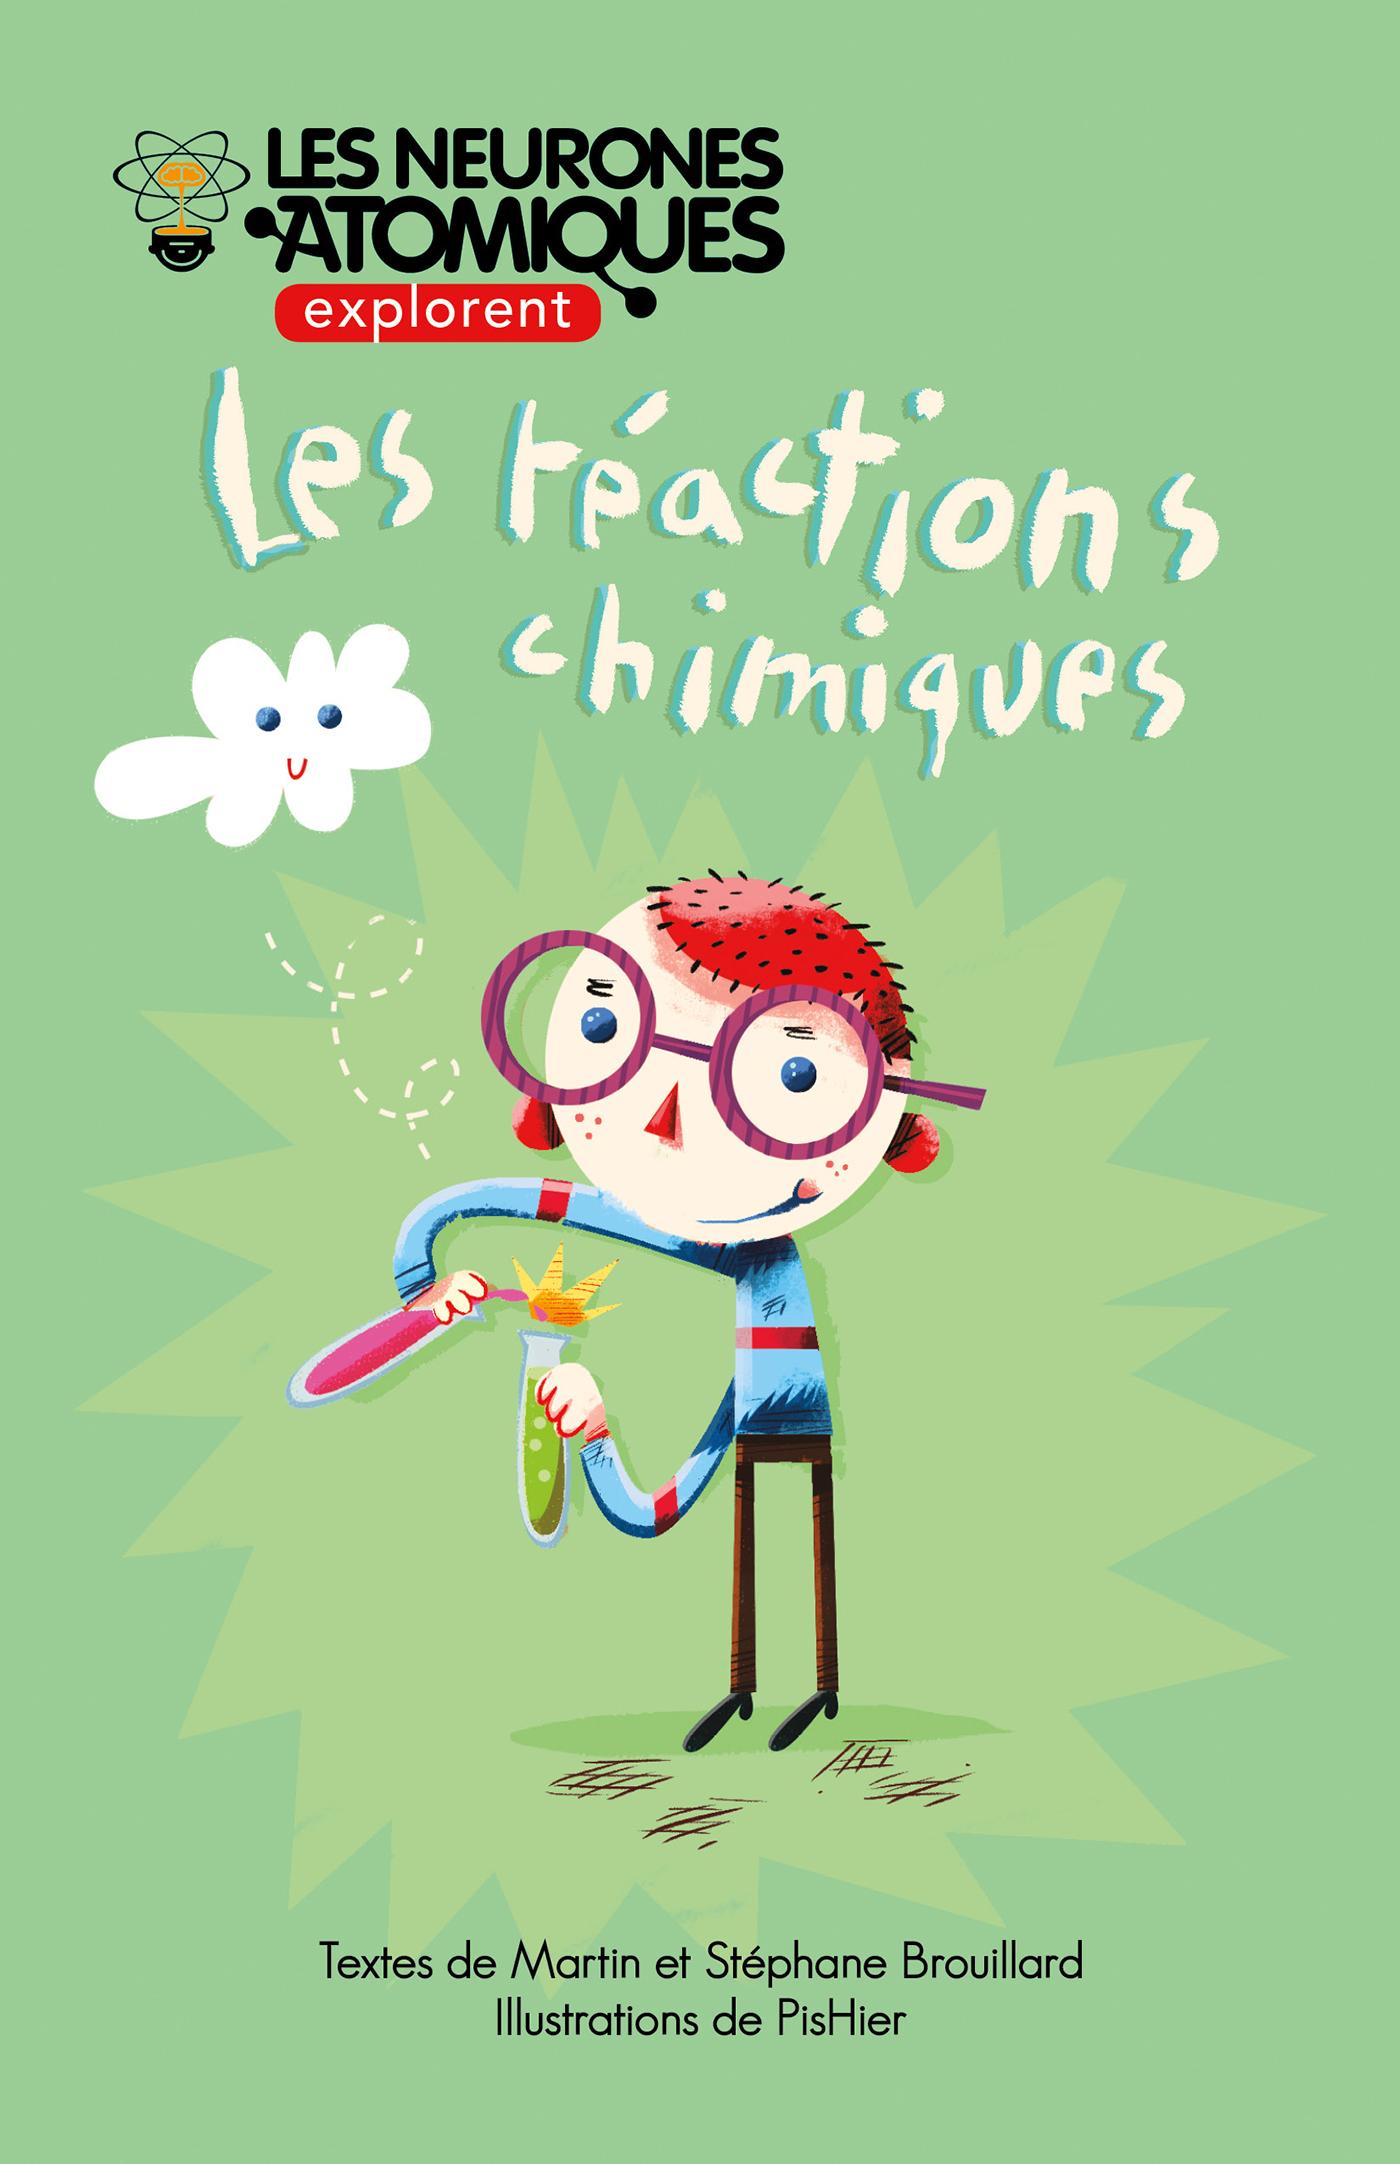 Les Neurones Atomiques expl...